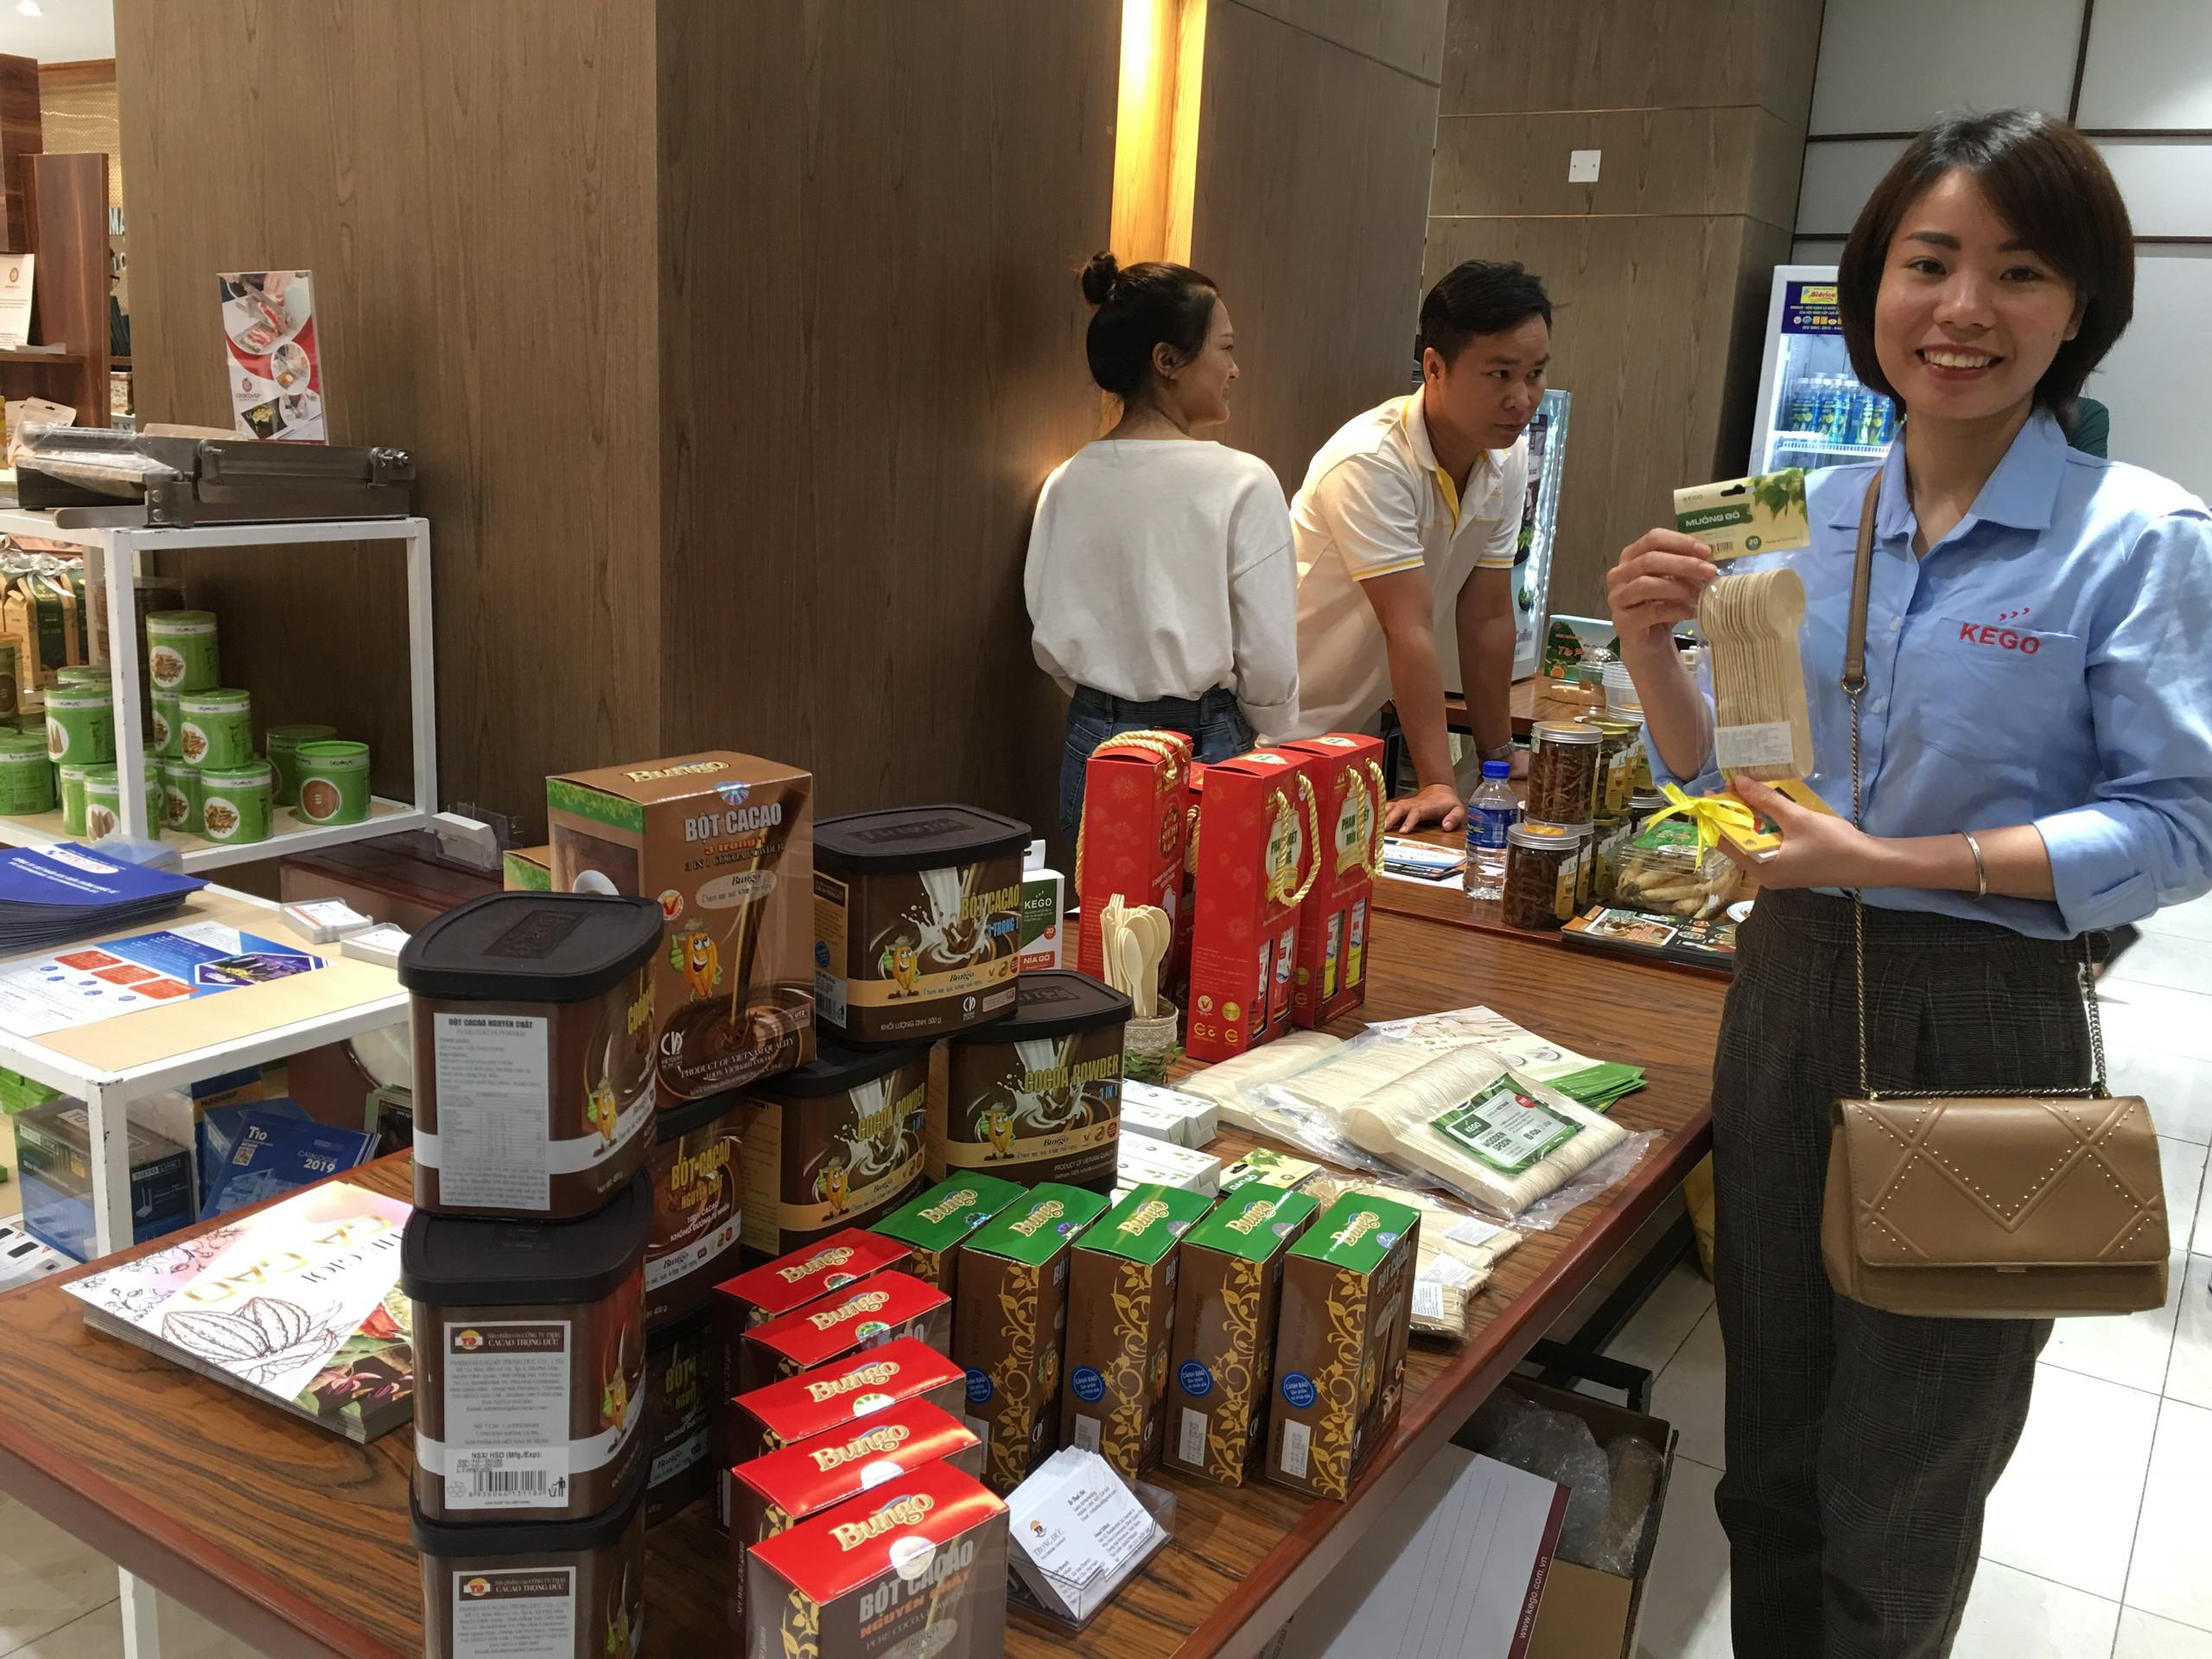 Đưa hàng vào Big C/Go! sẽ mở ra cơ hội tiếp cận thị trường Thái Lan nhiều tiềm năng - Ảnh 1.